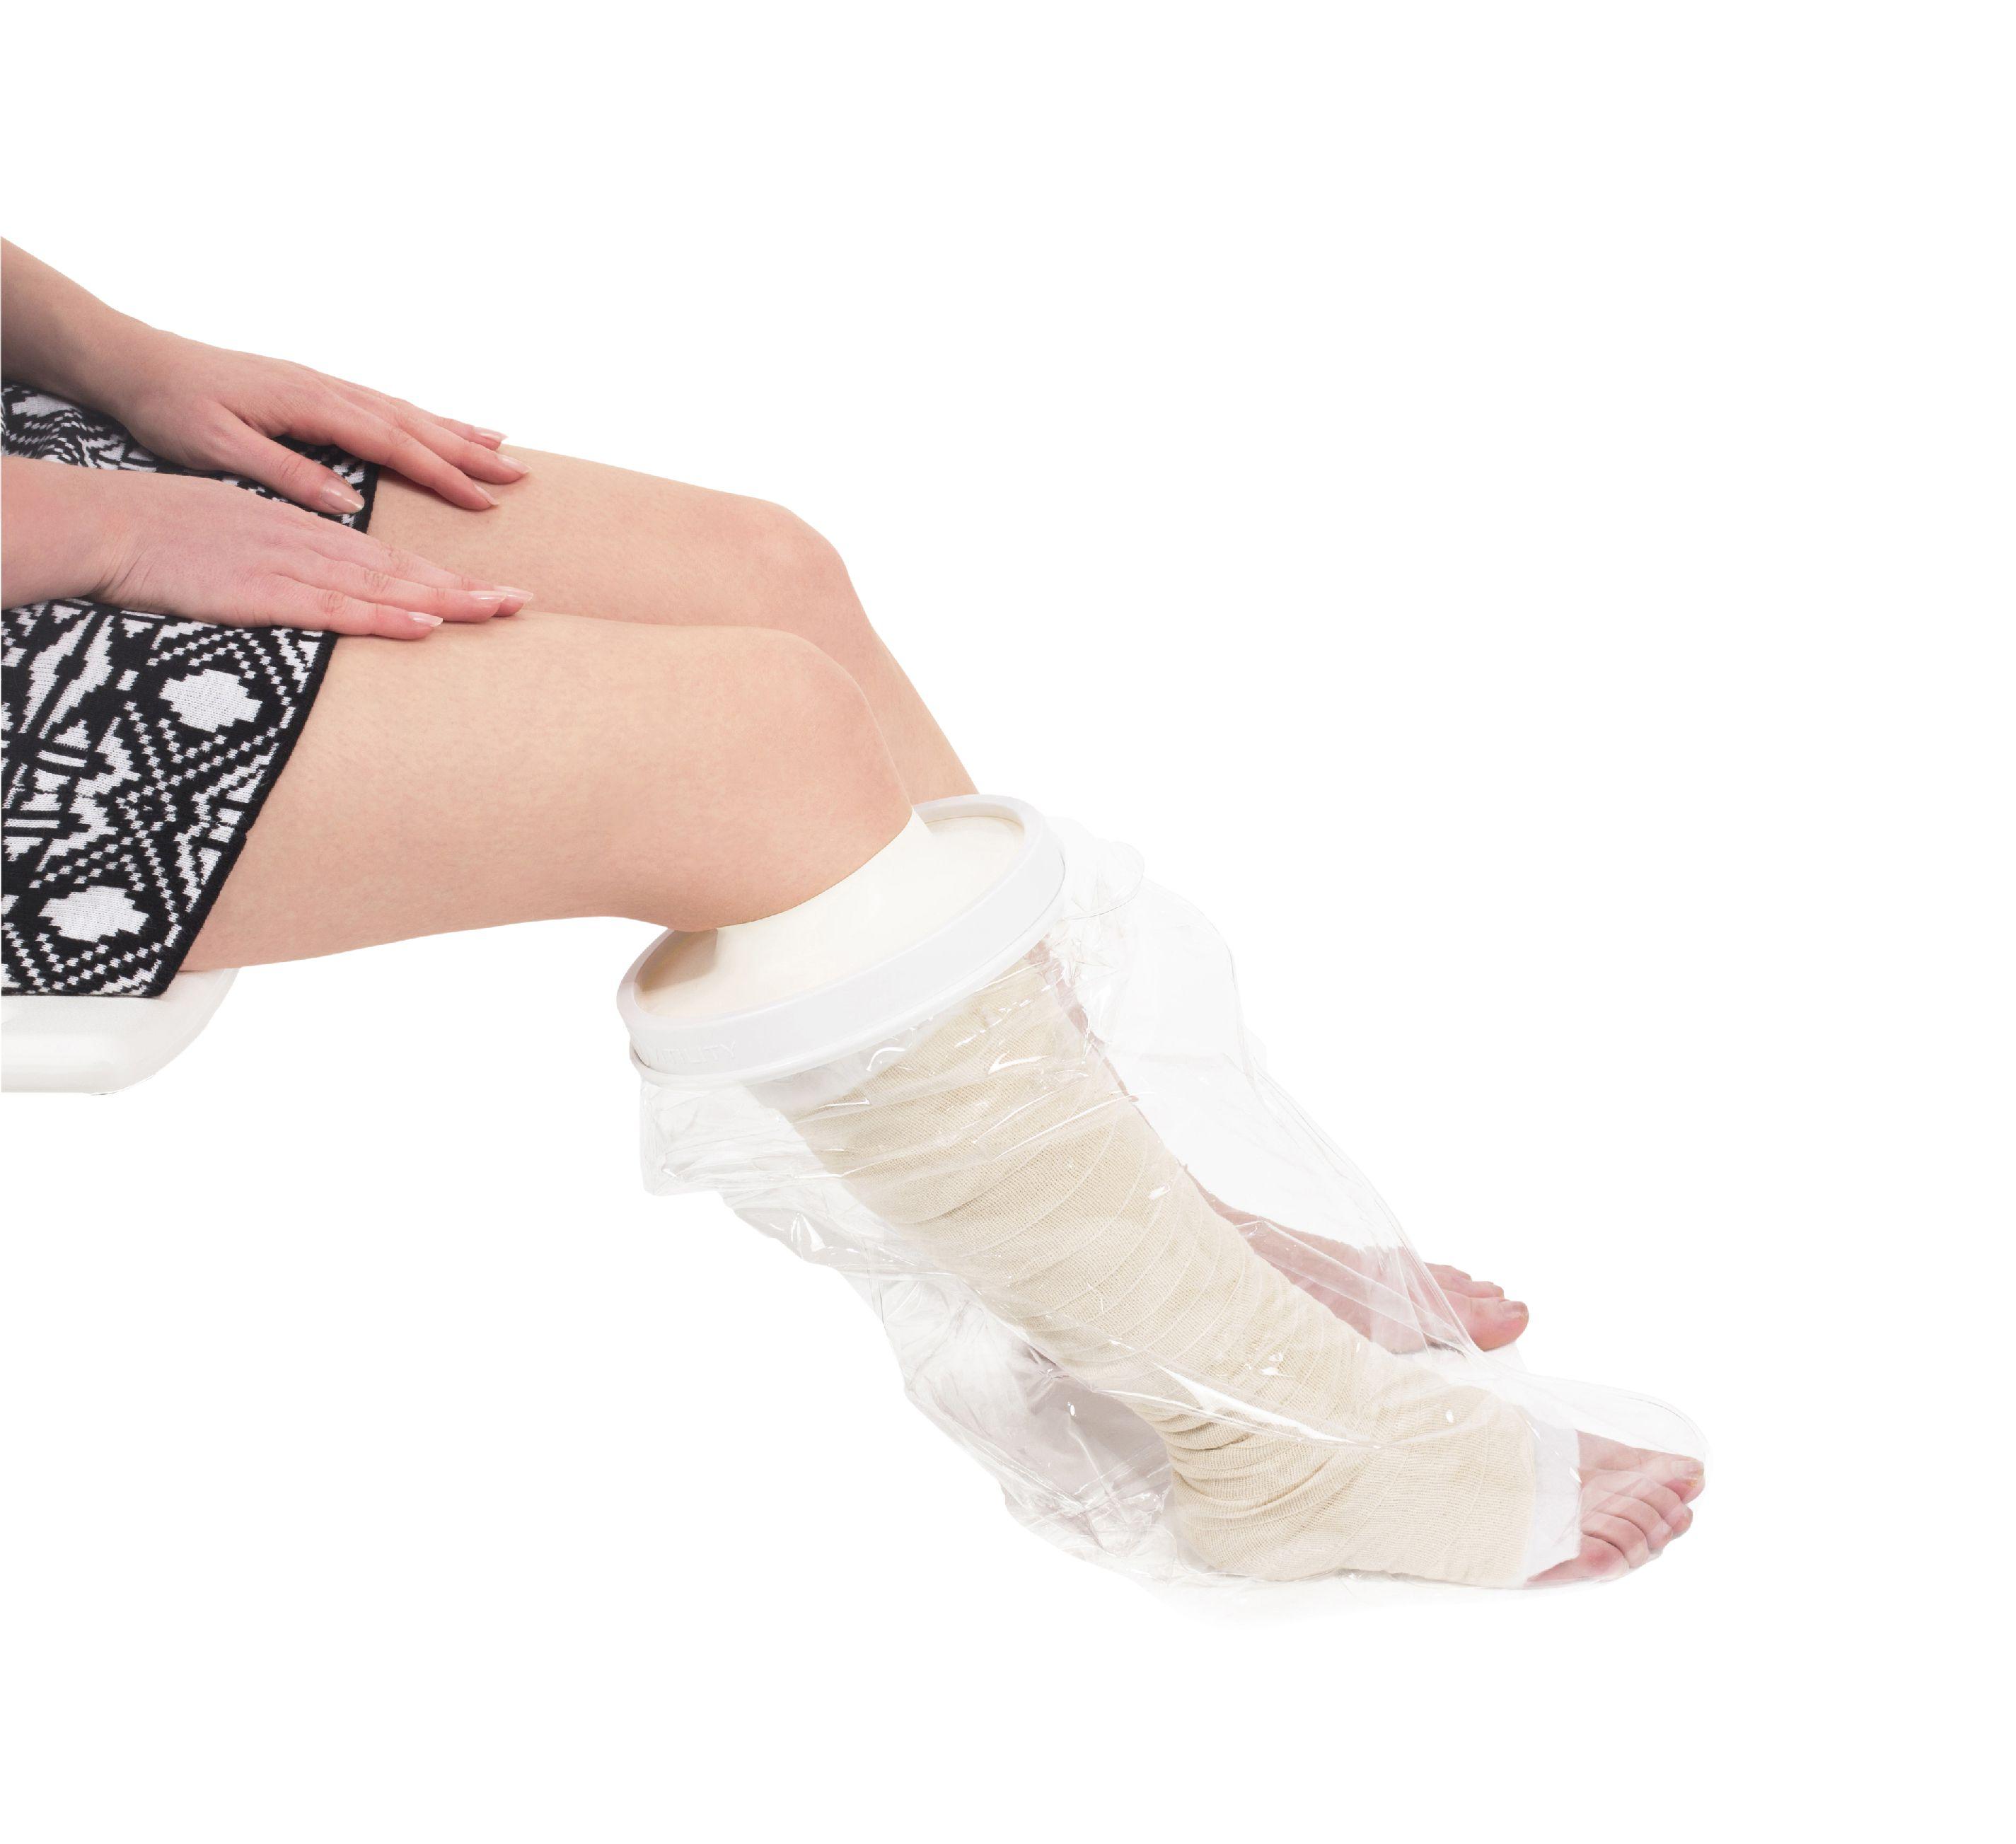 Ochranný sprchovací návlek na nohu poloviční Vitility VIT-70110780